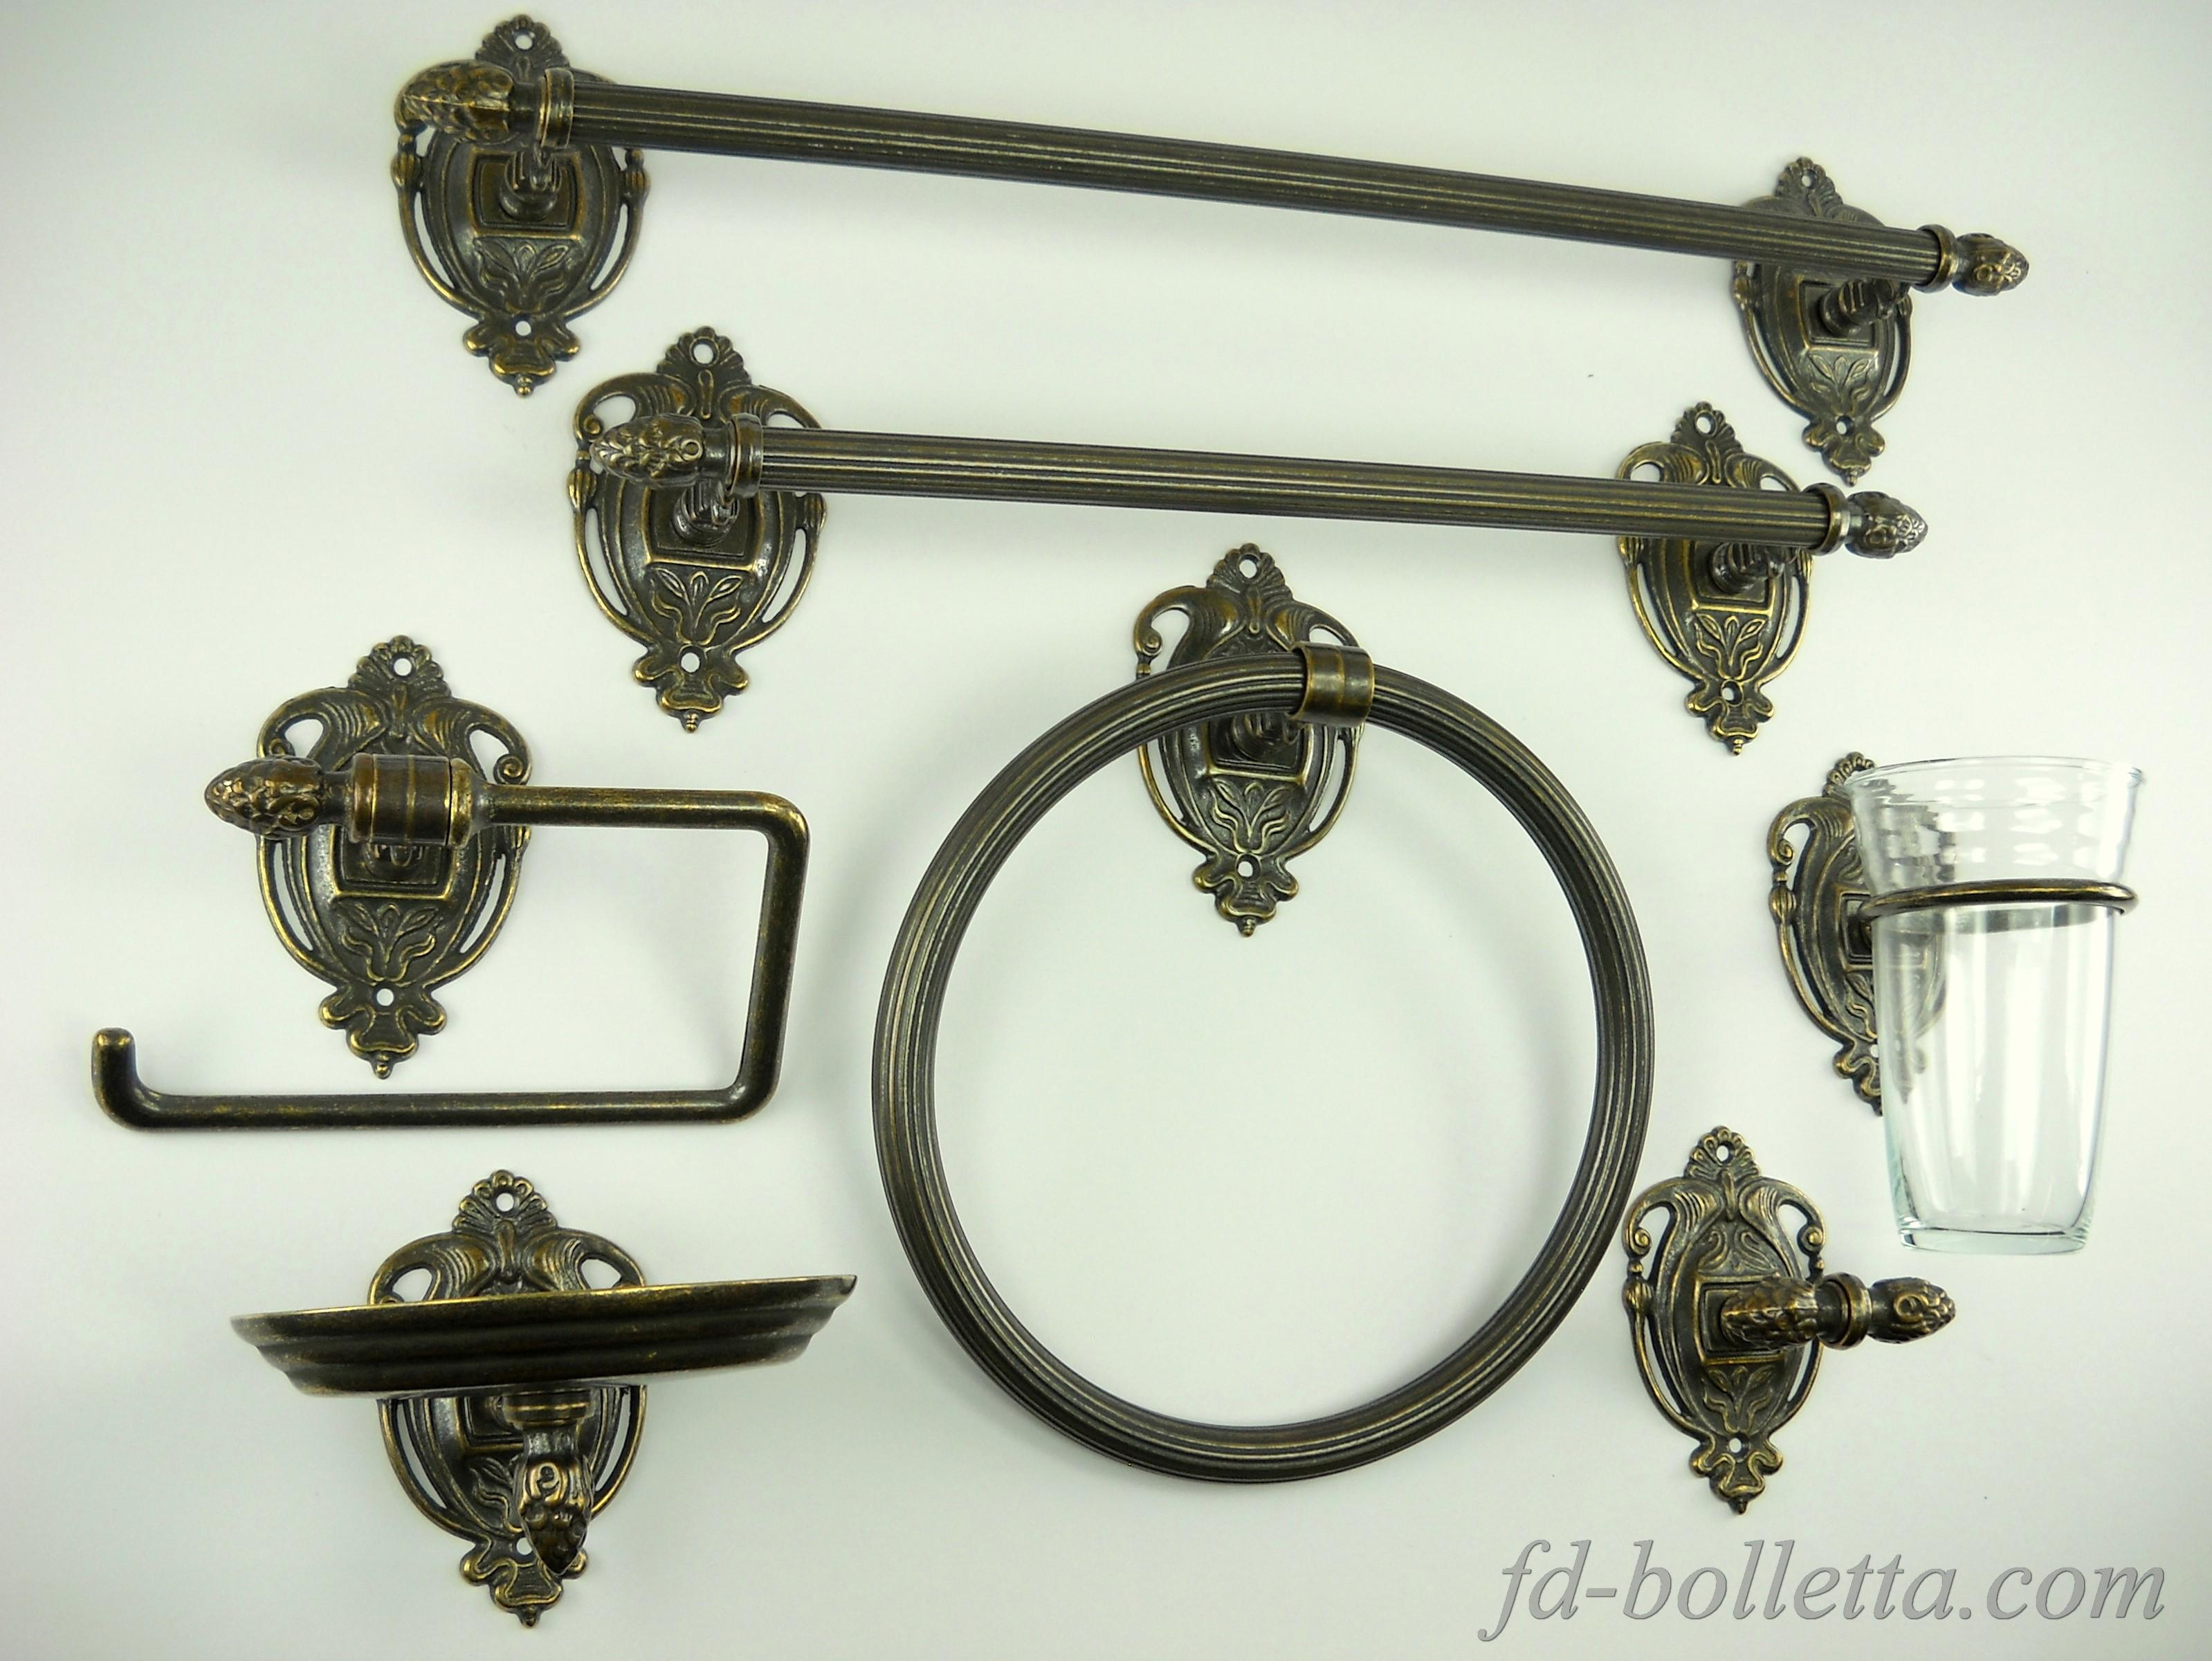 Set da bagno in ottone 7 pz wc23 fd bolletta lampade - Accessori bagno in ottone ...